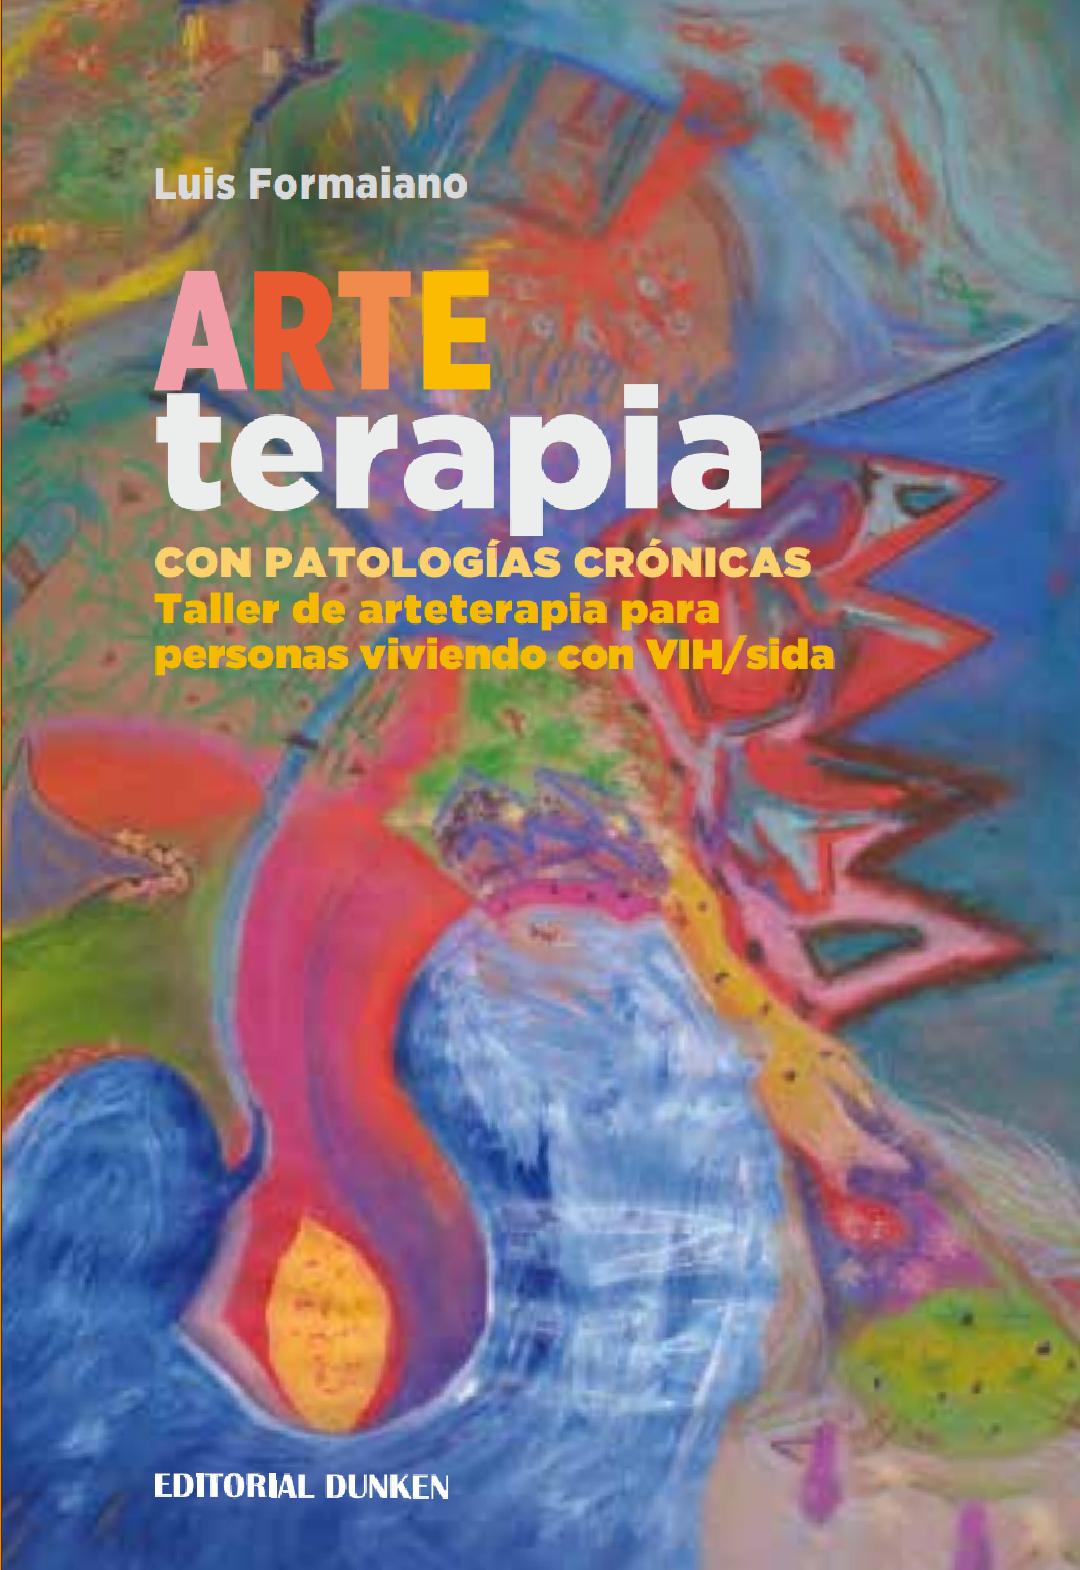 Vol. 2 Colección Arteterapia